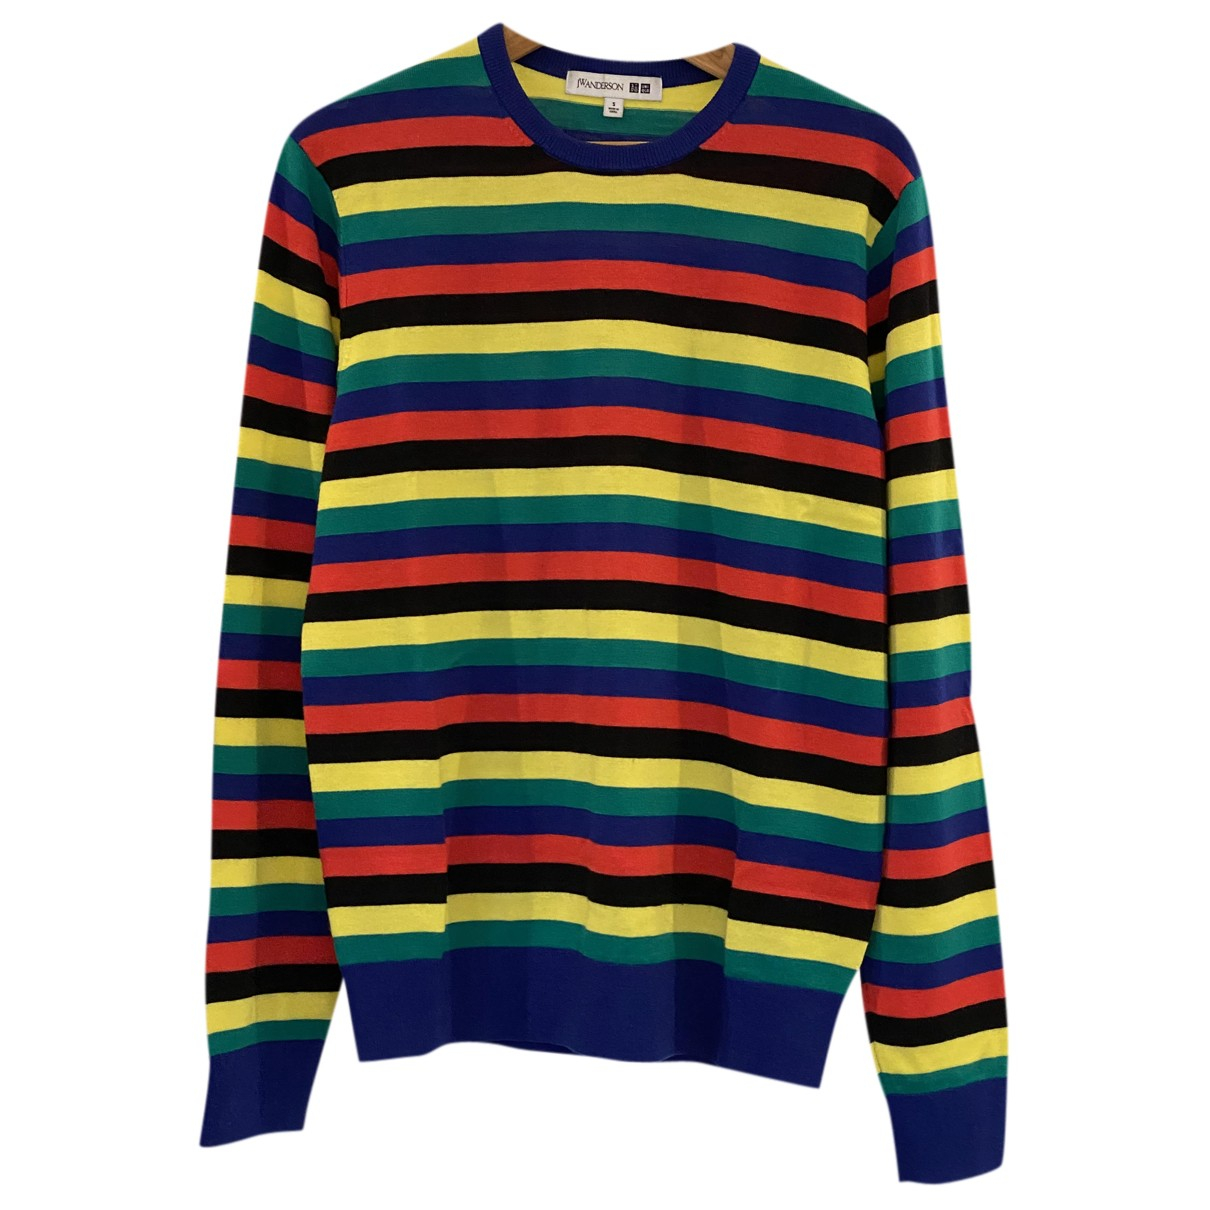 Uniqlo N Multicolour Wool Knitwear & Sweatshirts for Men S International